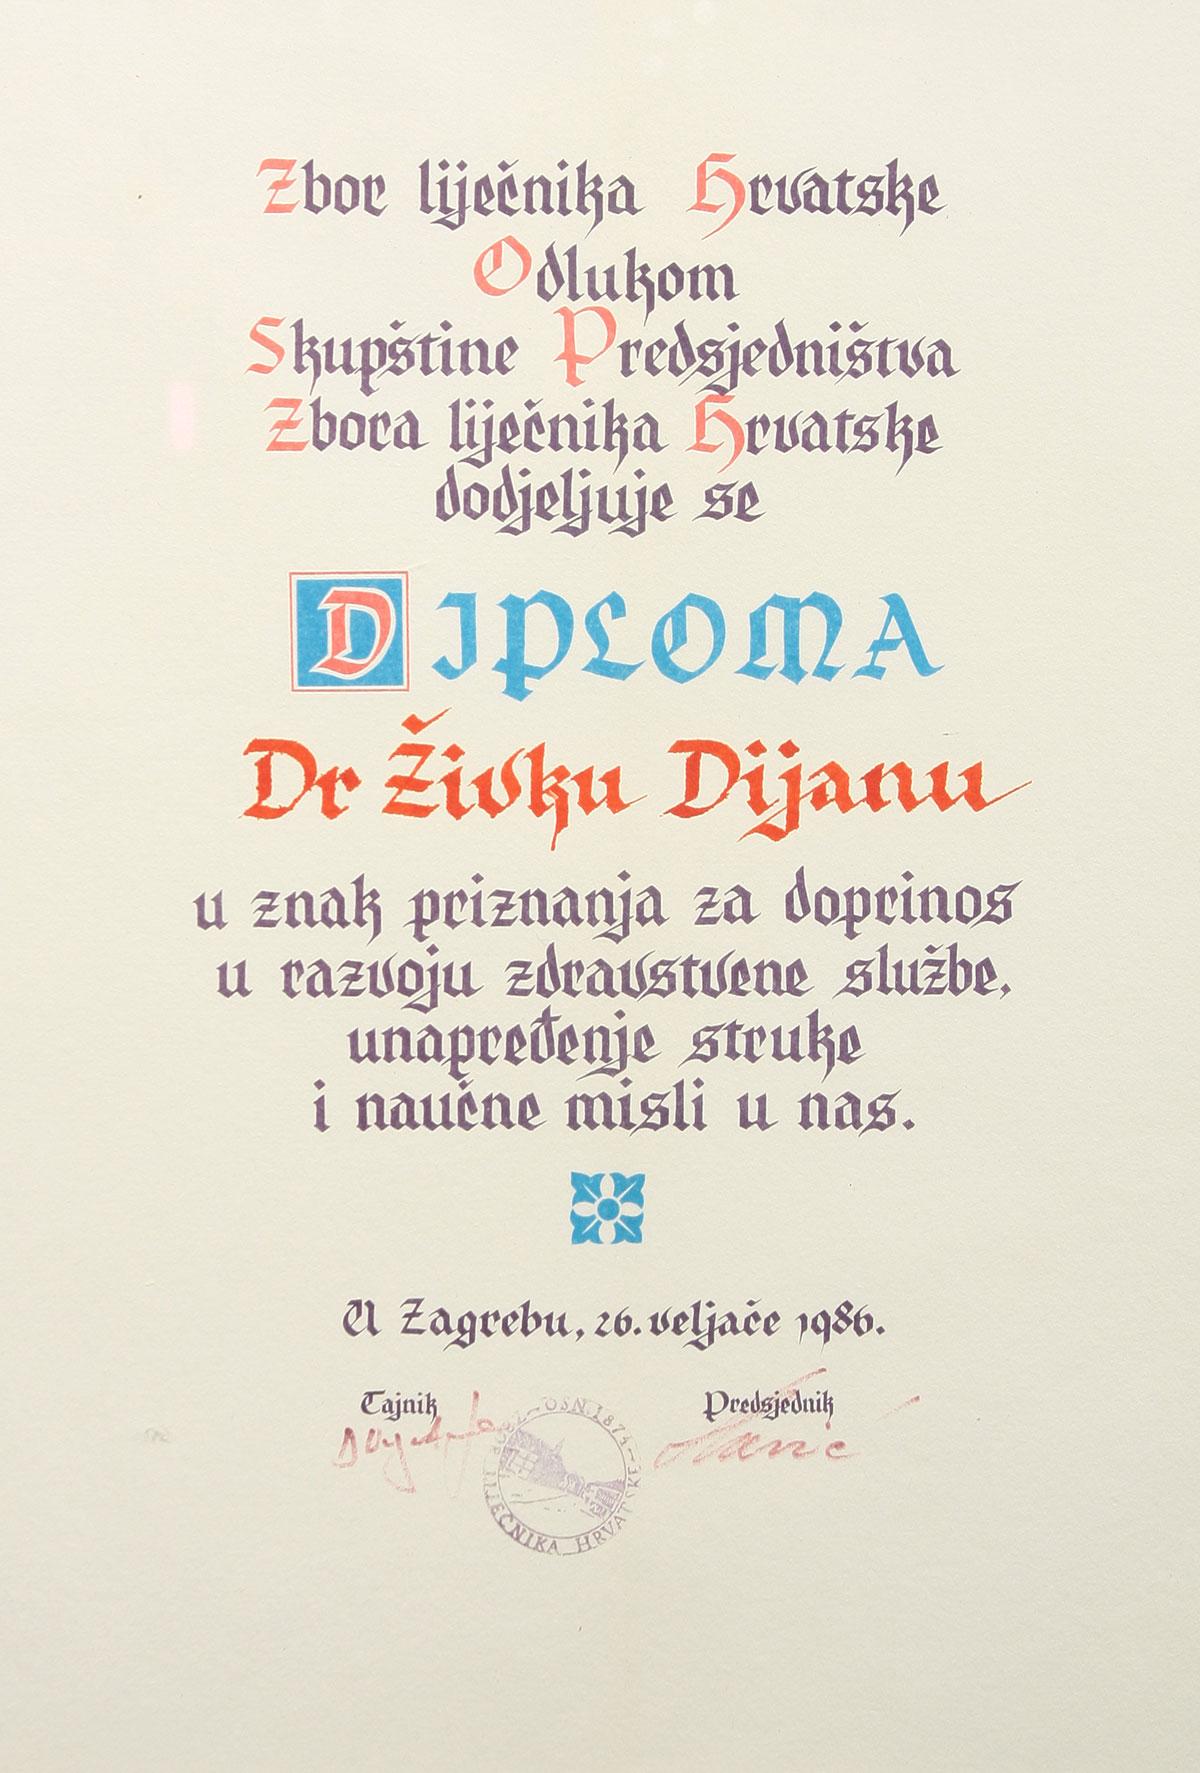 Dr. Živko Dijan